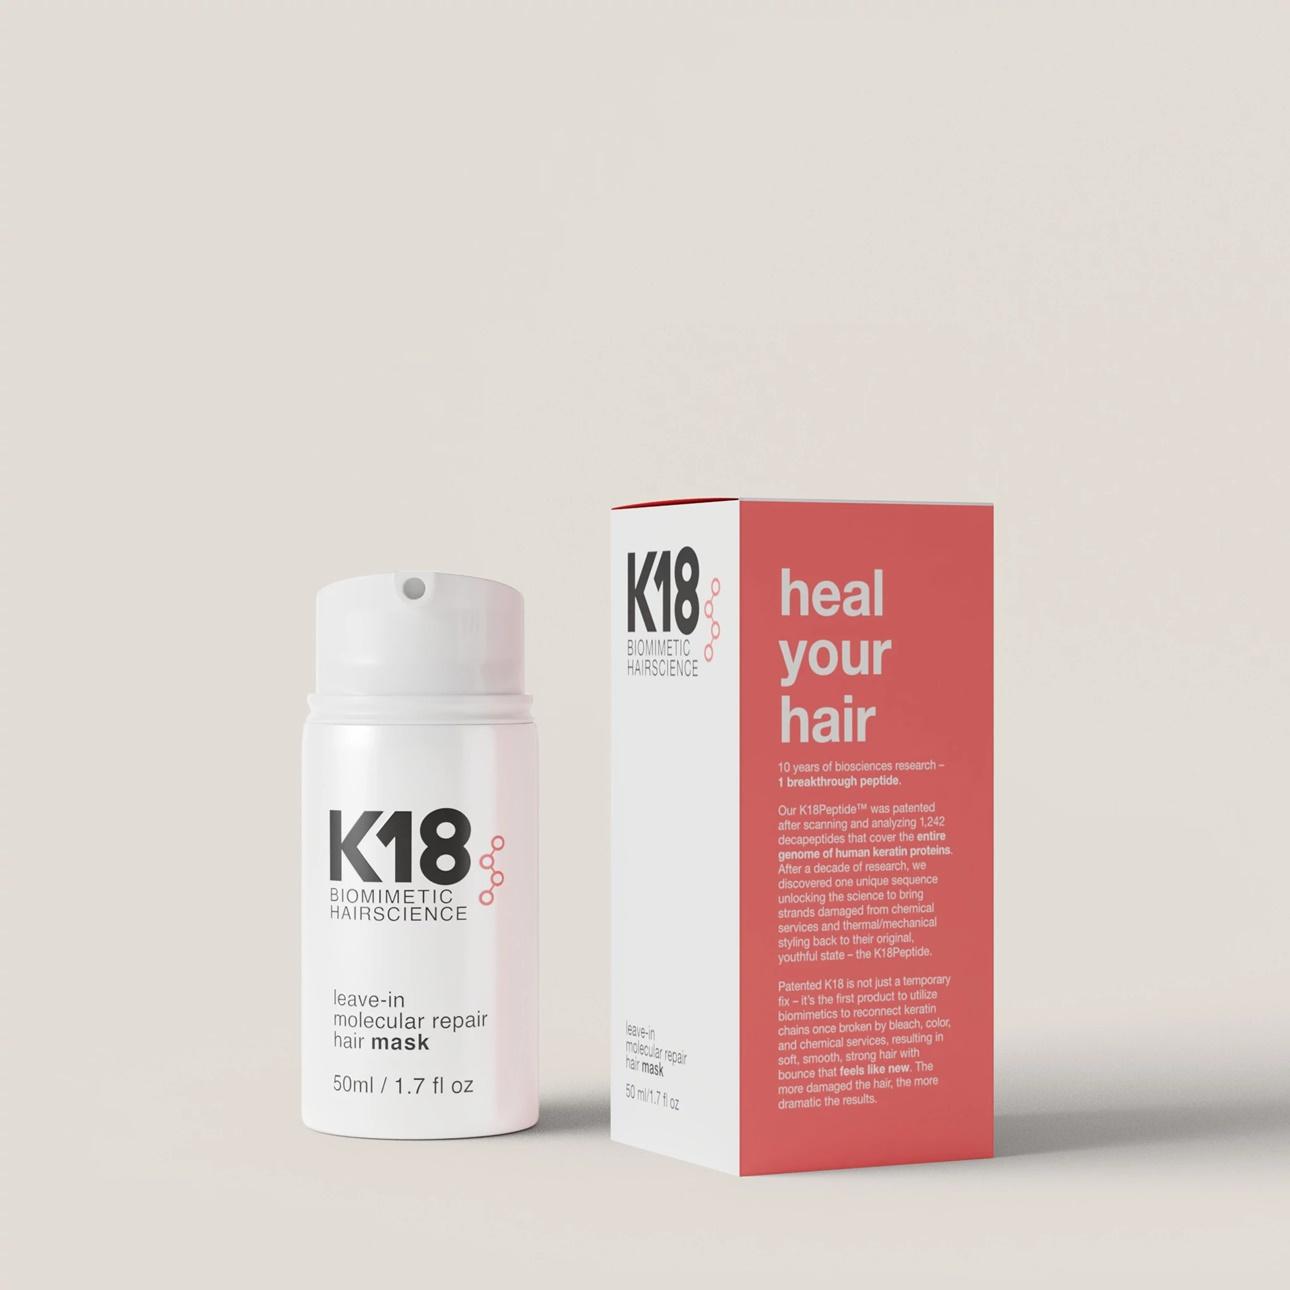 K18 Hair - wegańska maska regenerująca włosy